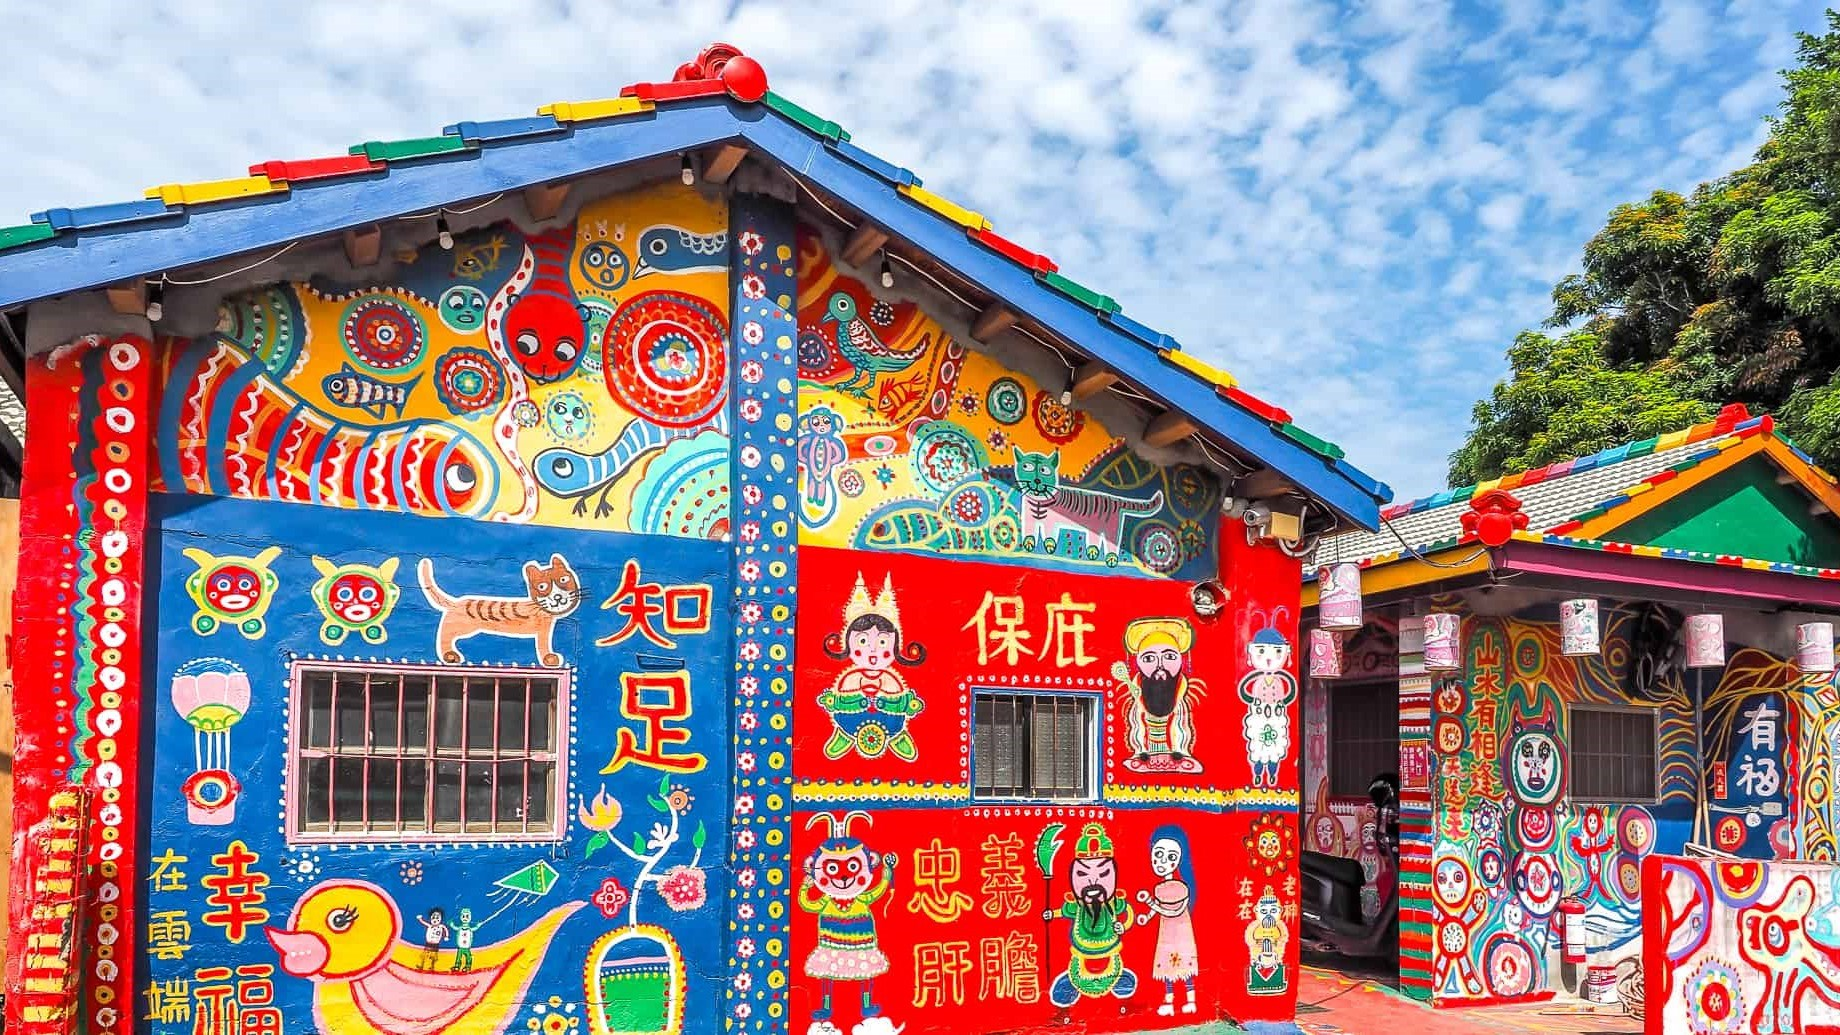 Hình đại điện của danh mục Taichung